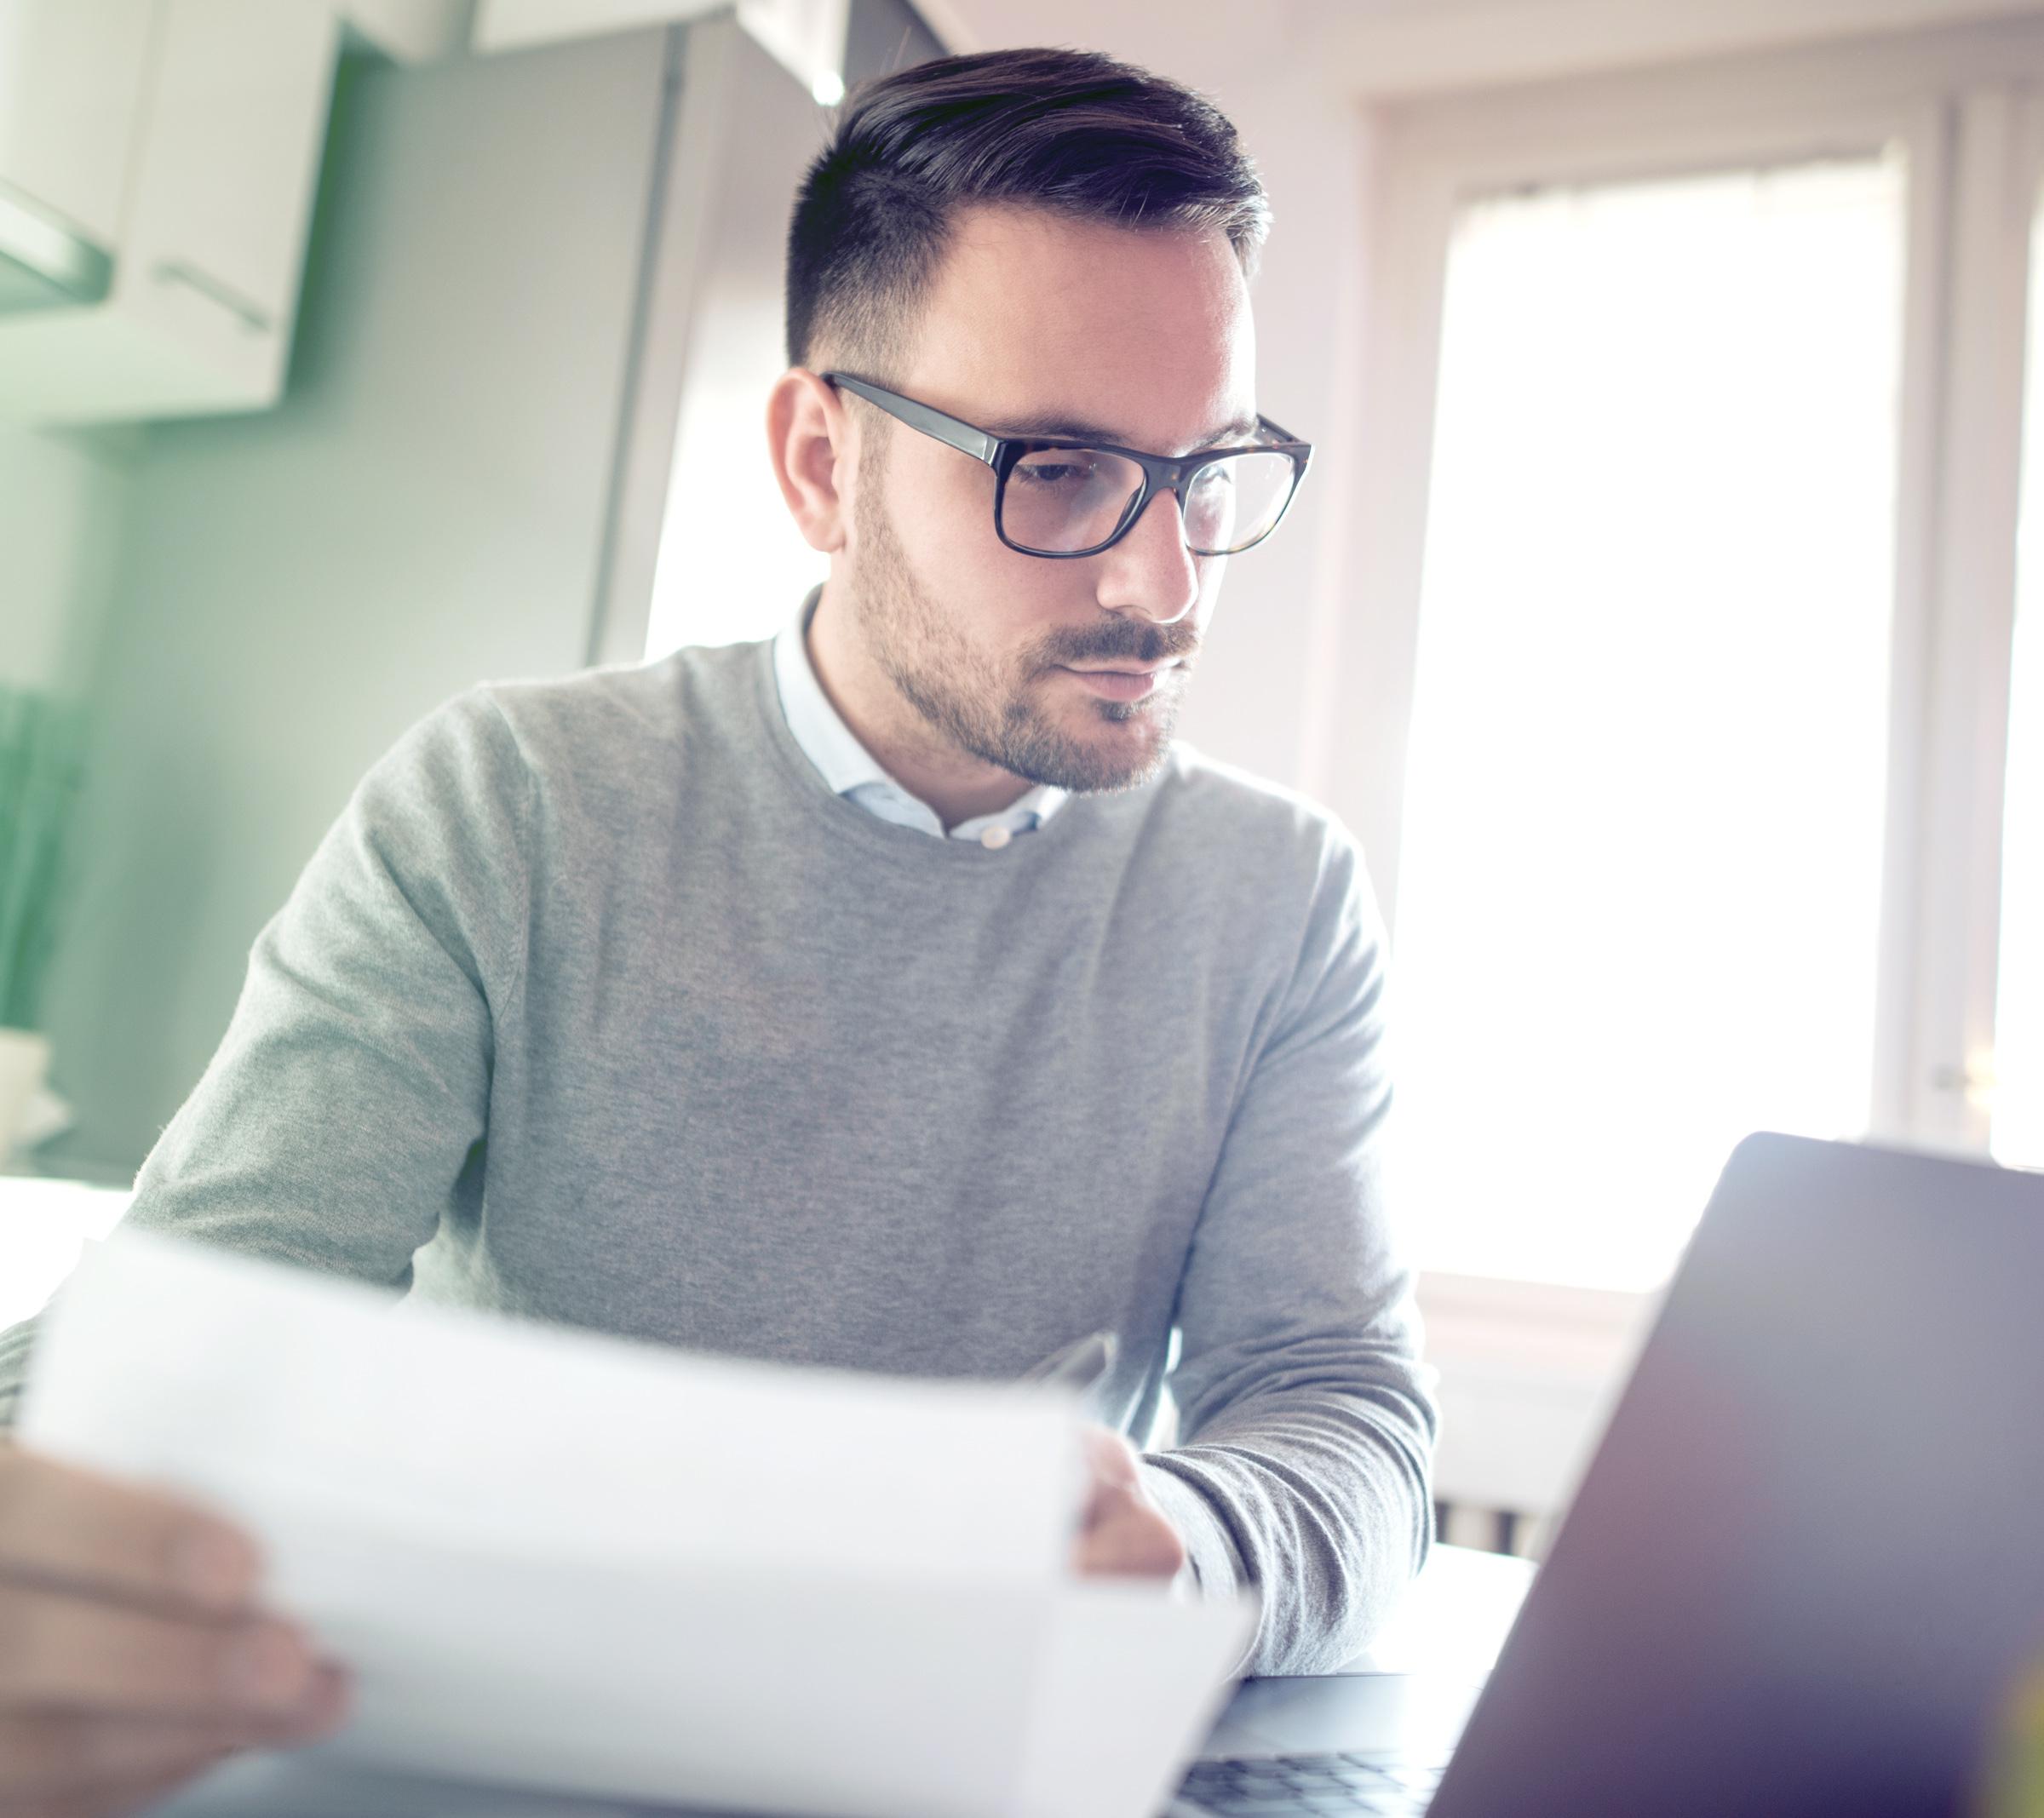 Voordelig beleggen via online broker LYNX - Tarieven beleggen kosten